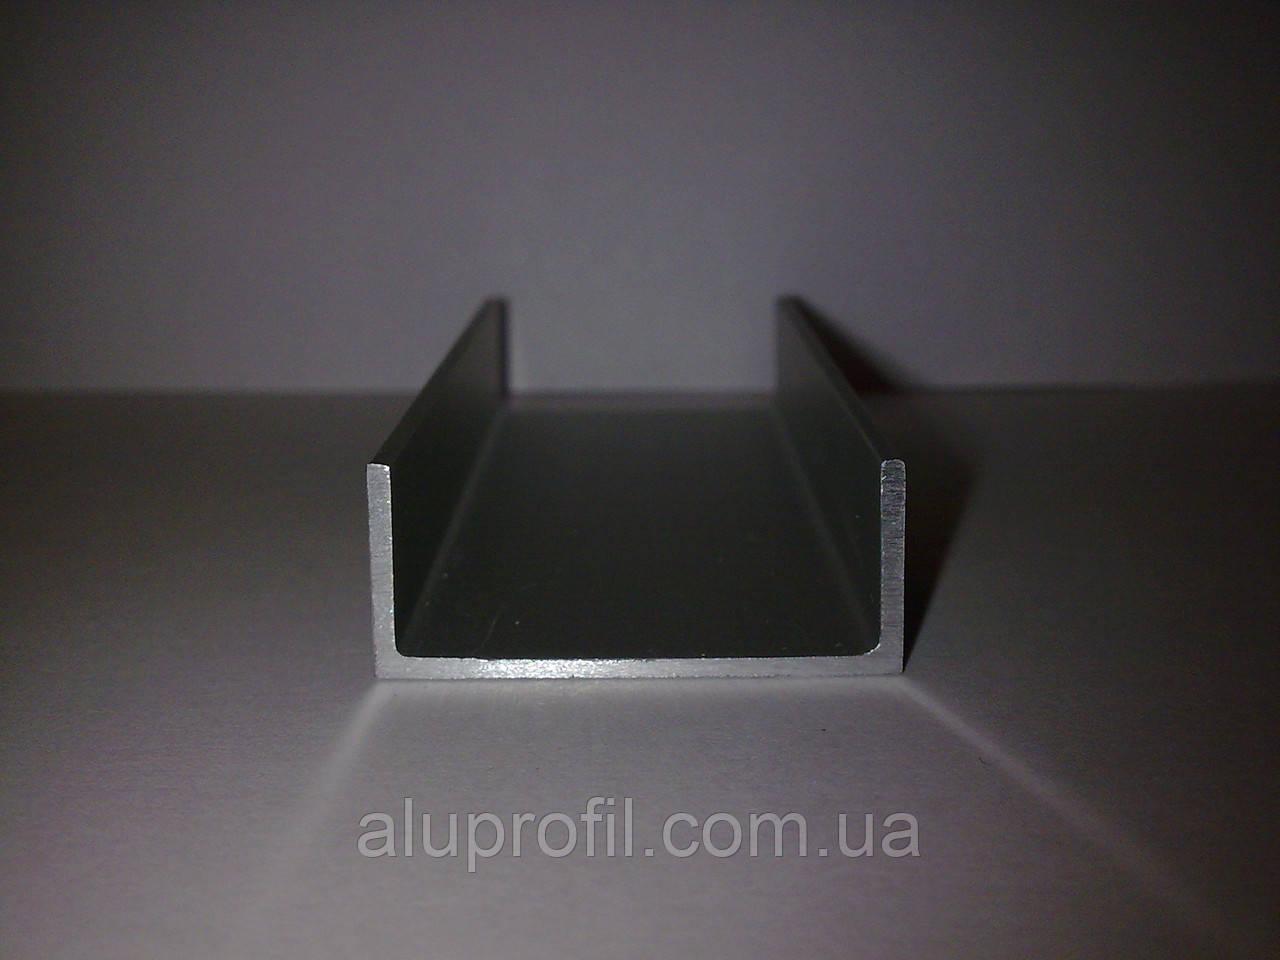 Алюминиевый профиль — швеллер размером 20х10х1,5